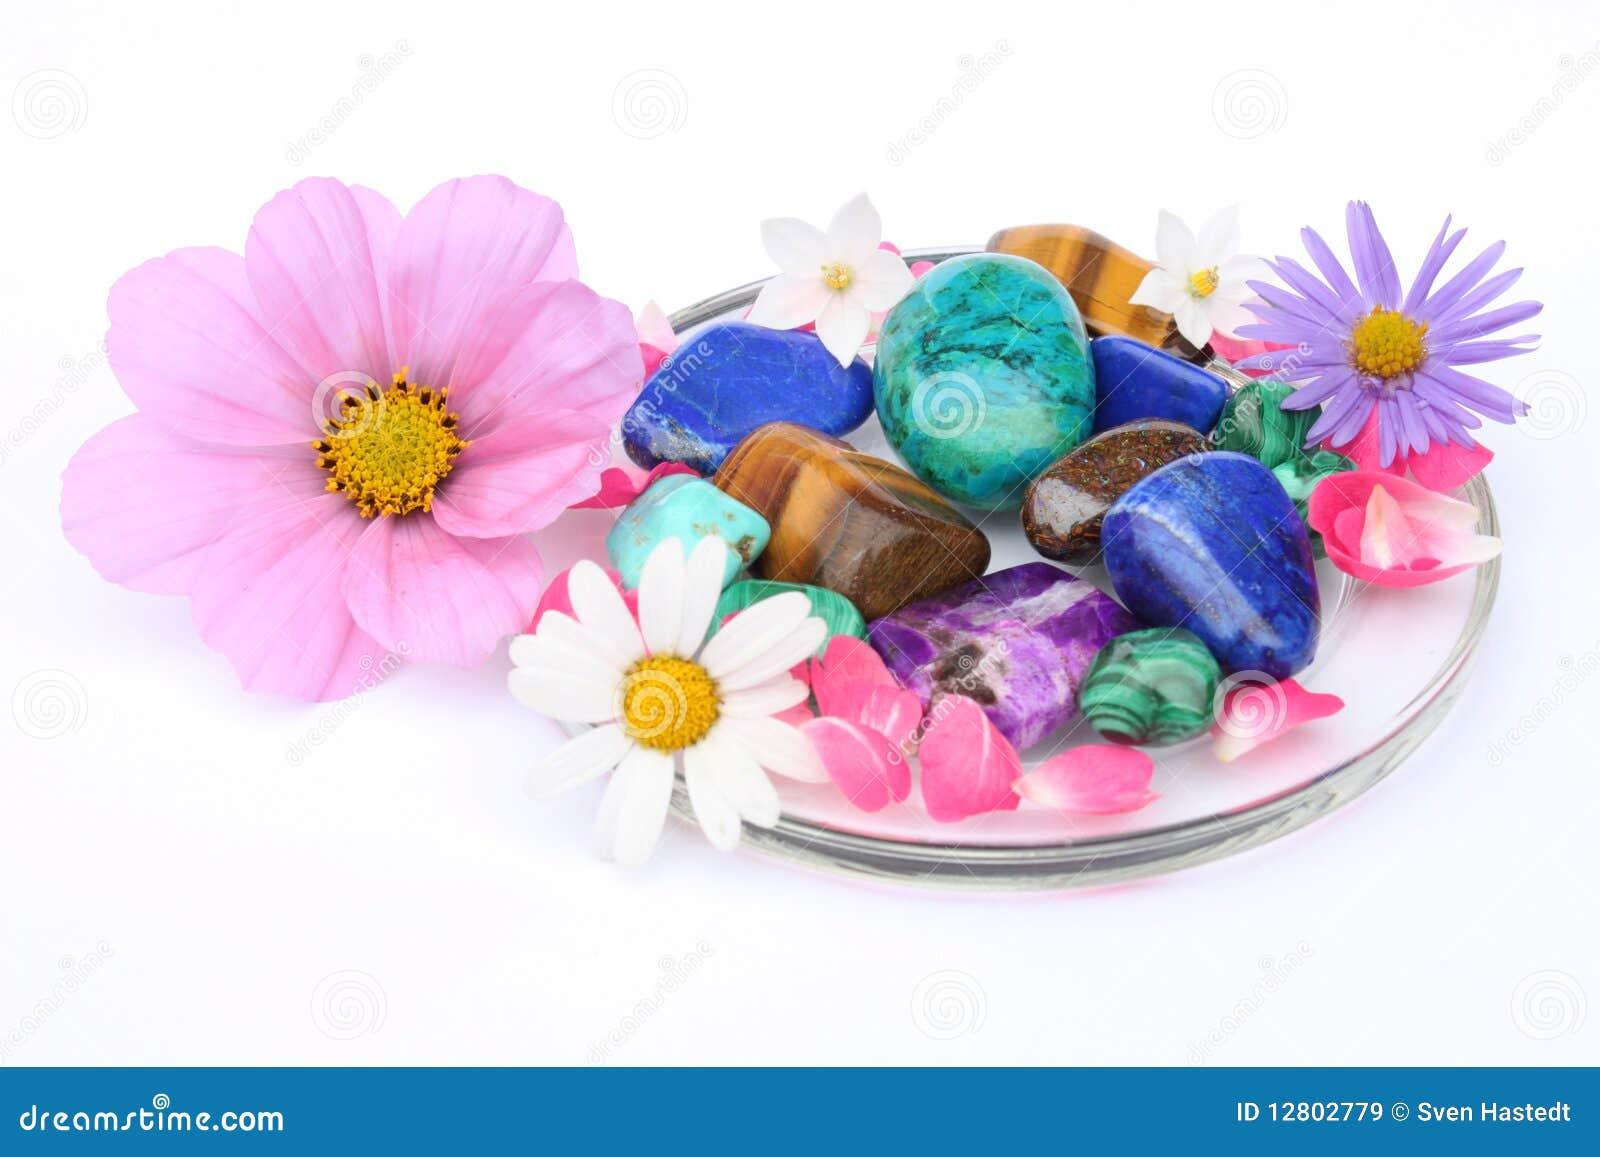 Piedras preciosas y flores im genes de archivo libres de regal as imagen 12802779 - Fotos flores preciosas ...